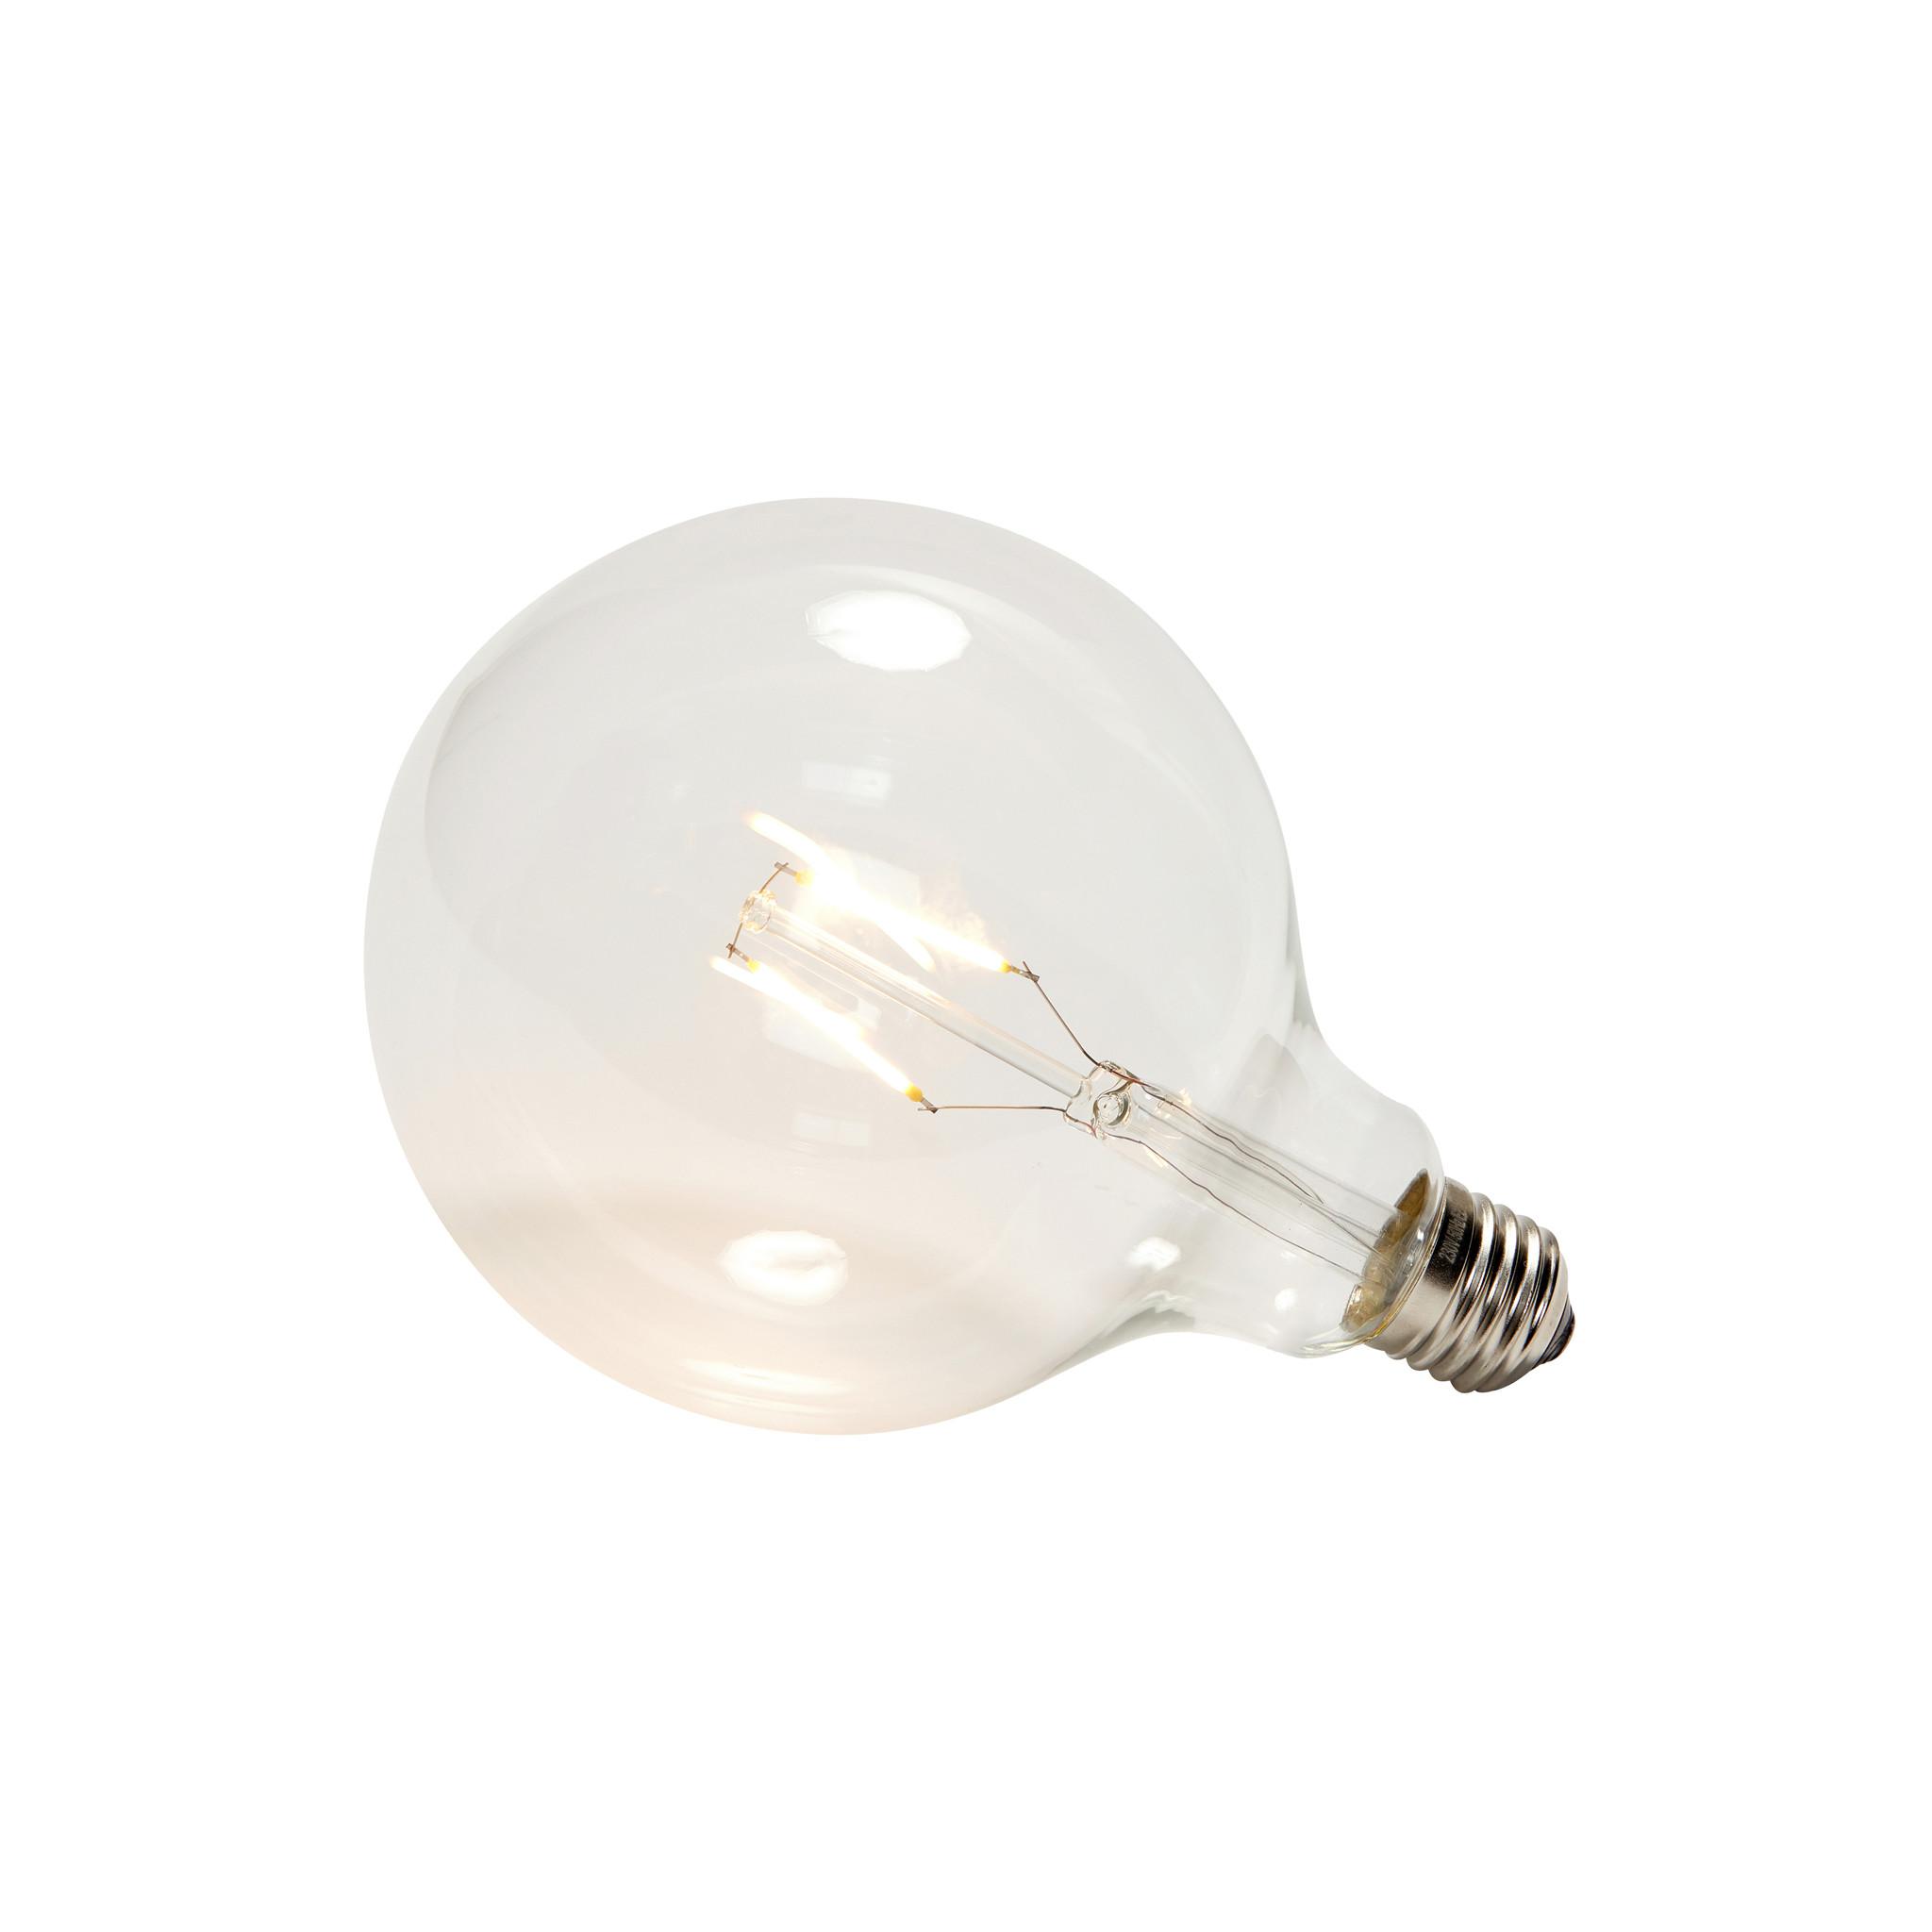 Hubsch LED lamp